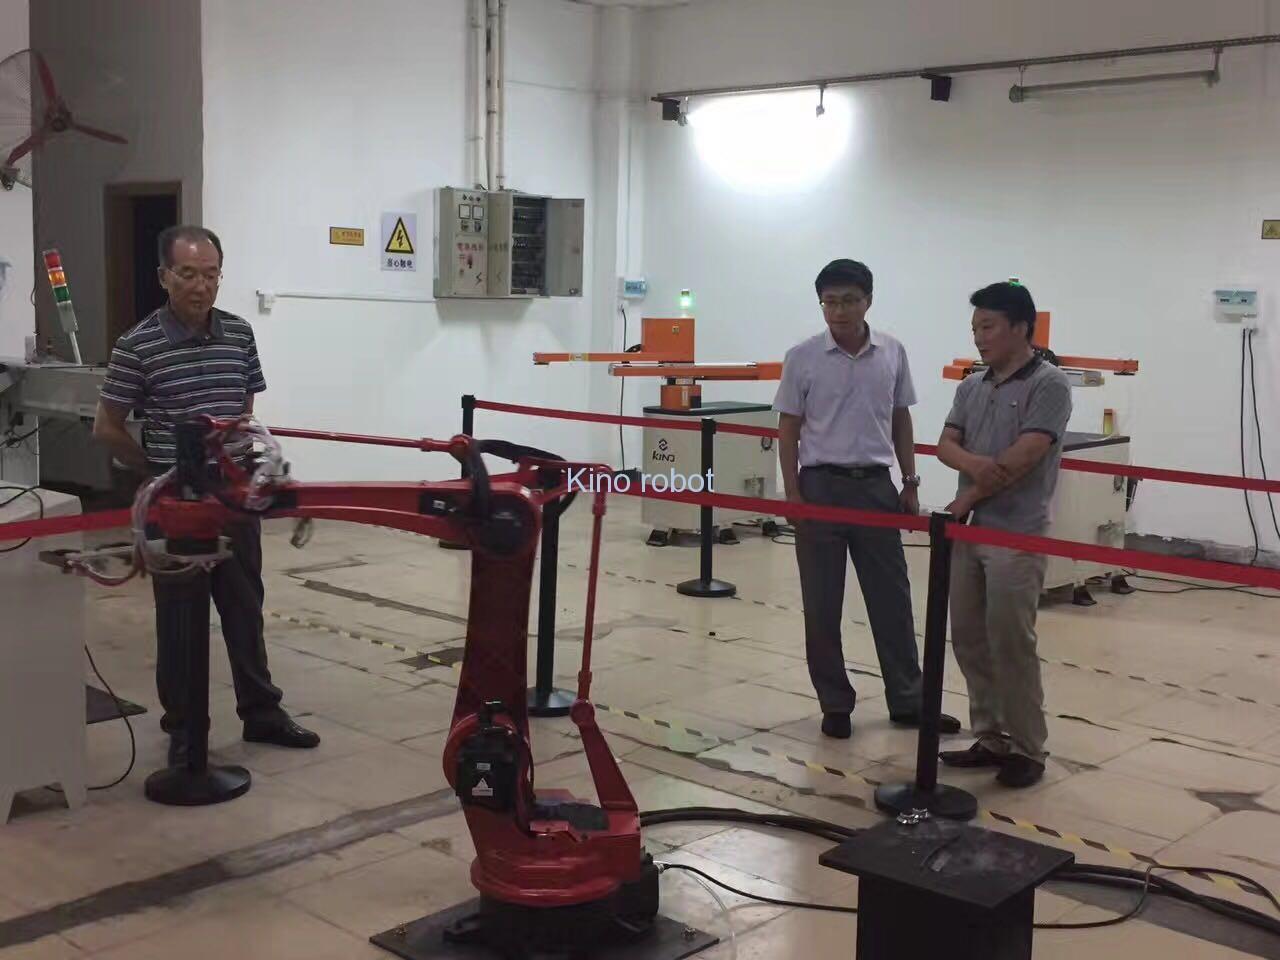 琪诺自动化 冲压机械手